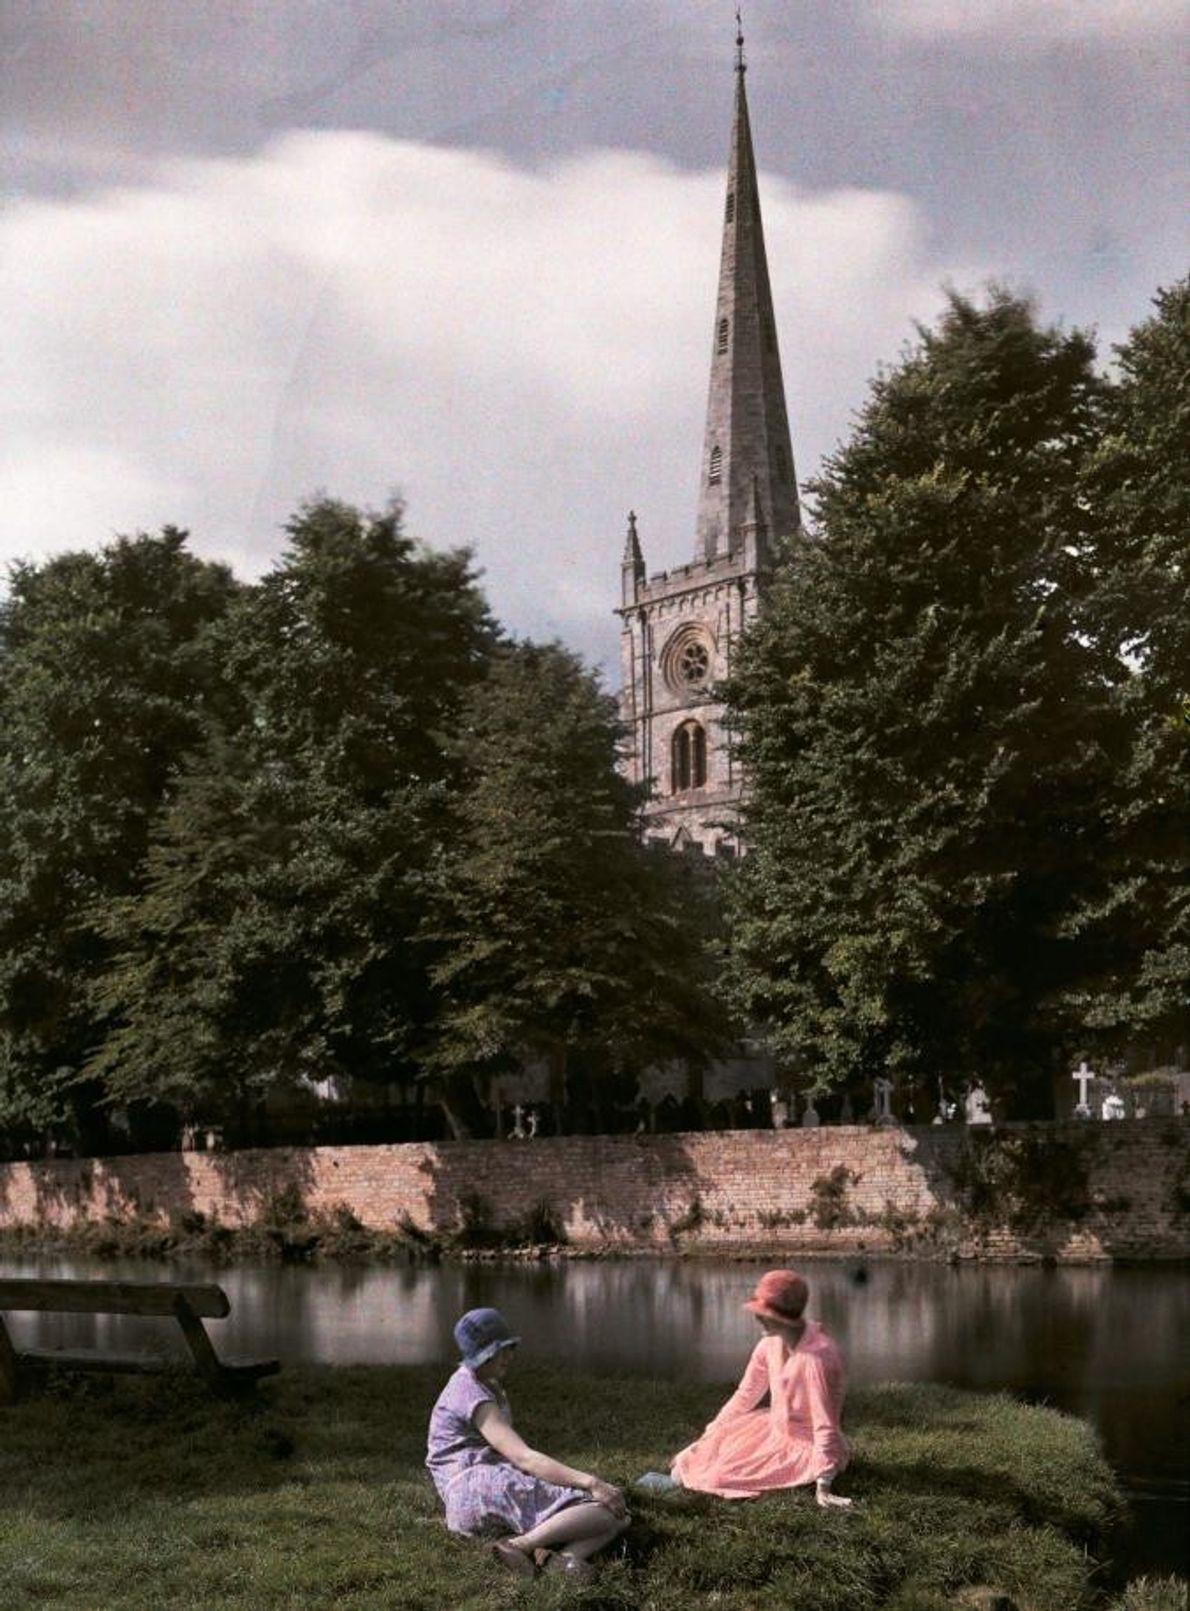 Des femmes se prélassent sur les rives de l'Avon, à Stratford, en Angleterre.